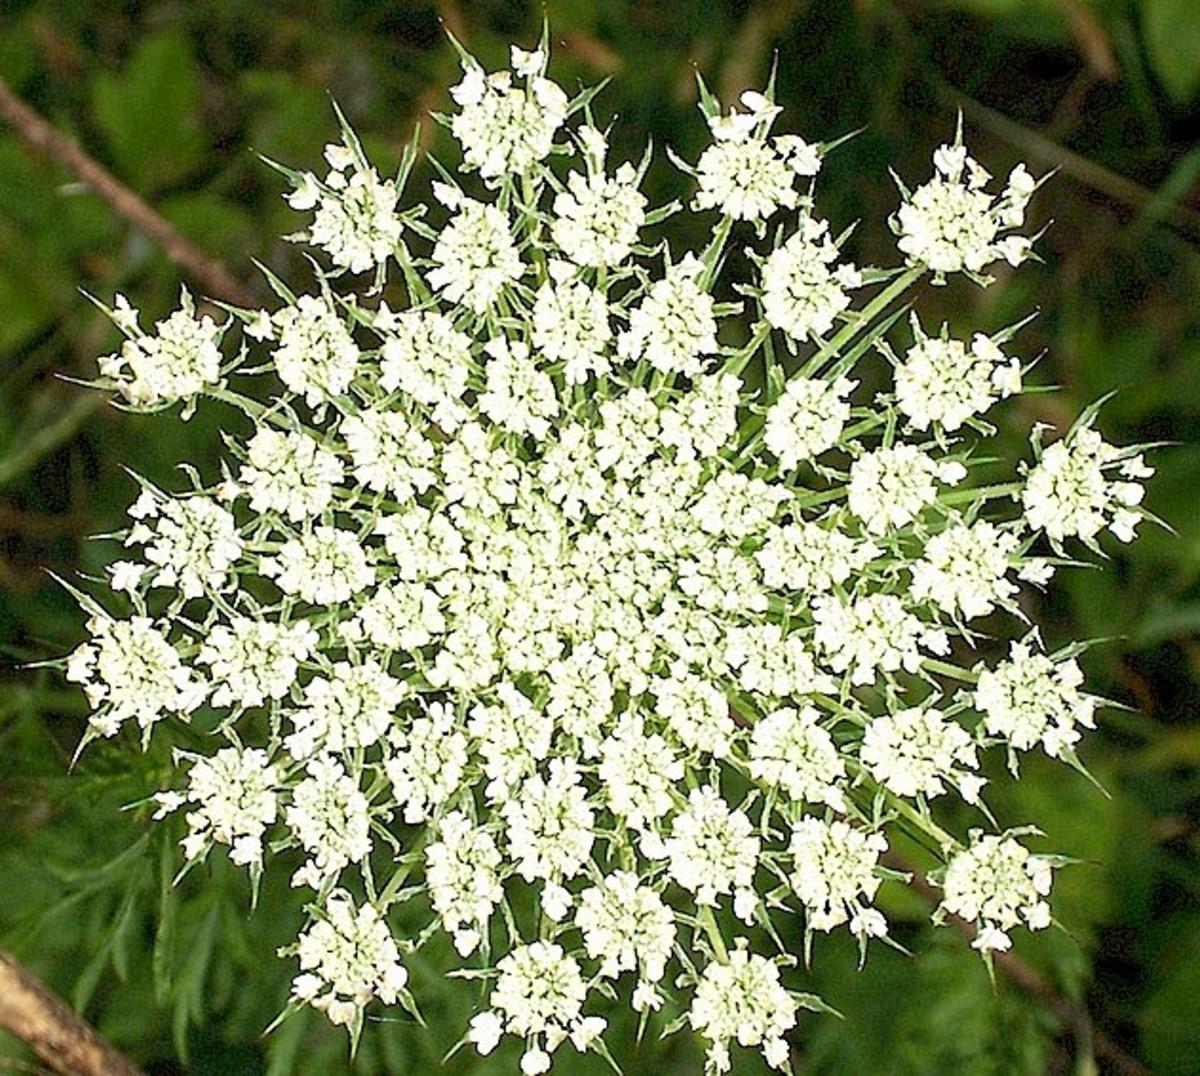 7:  Queen Anne's Lace (Daucus carota)